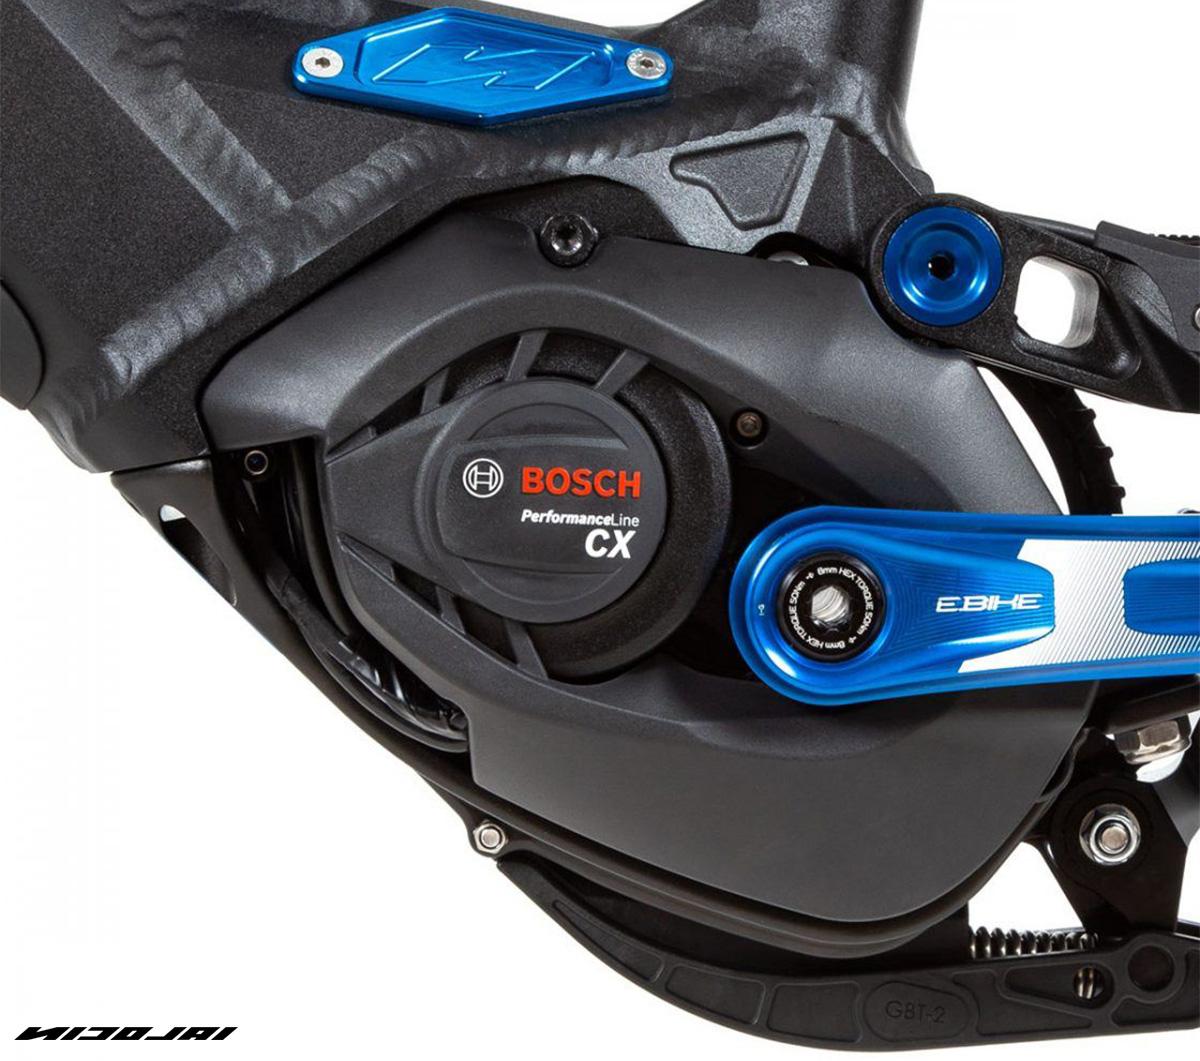 Il motore Bosch Performance Line CX montato sulla Nicola G1 EBOXX E14